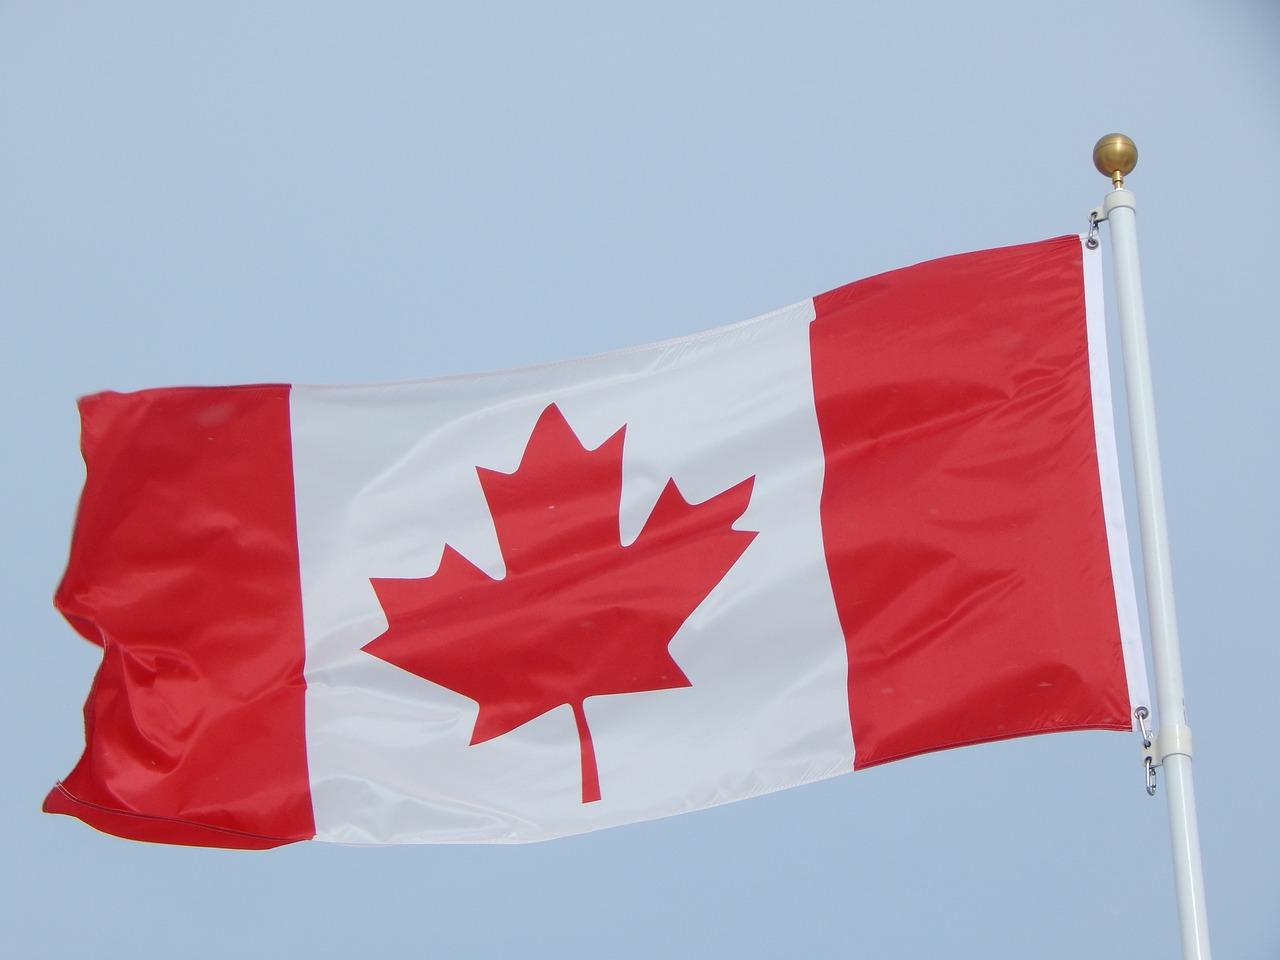 カナダの面積は日本の何倍?世界ランキング上位の広い国の広さを解説!